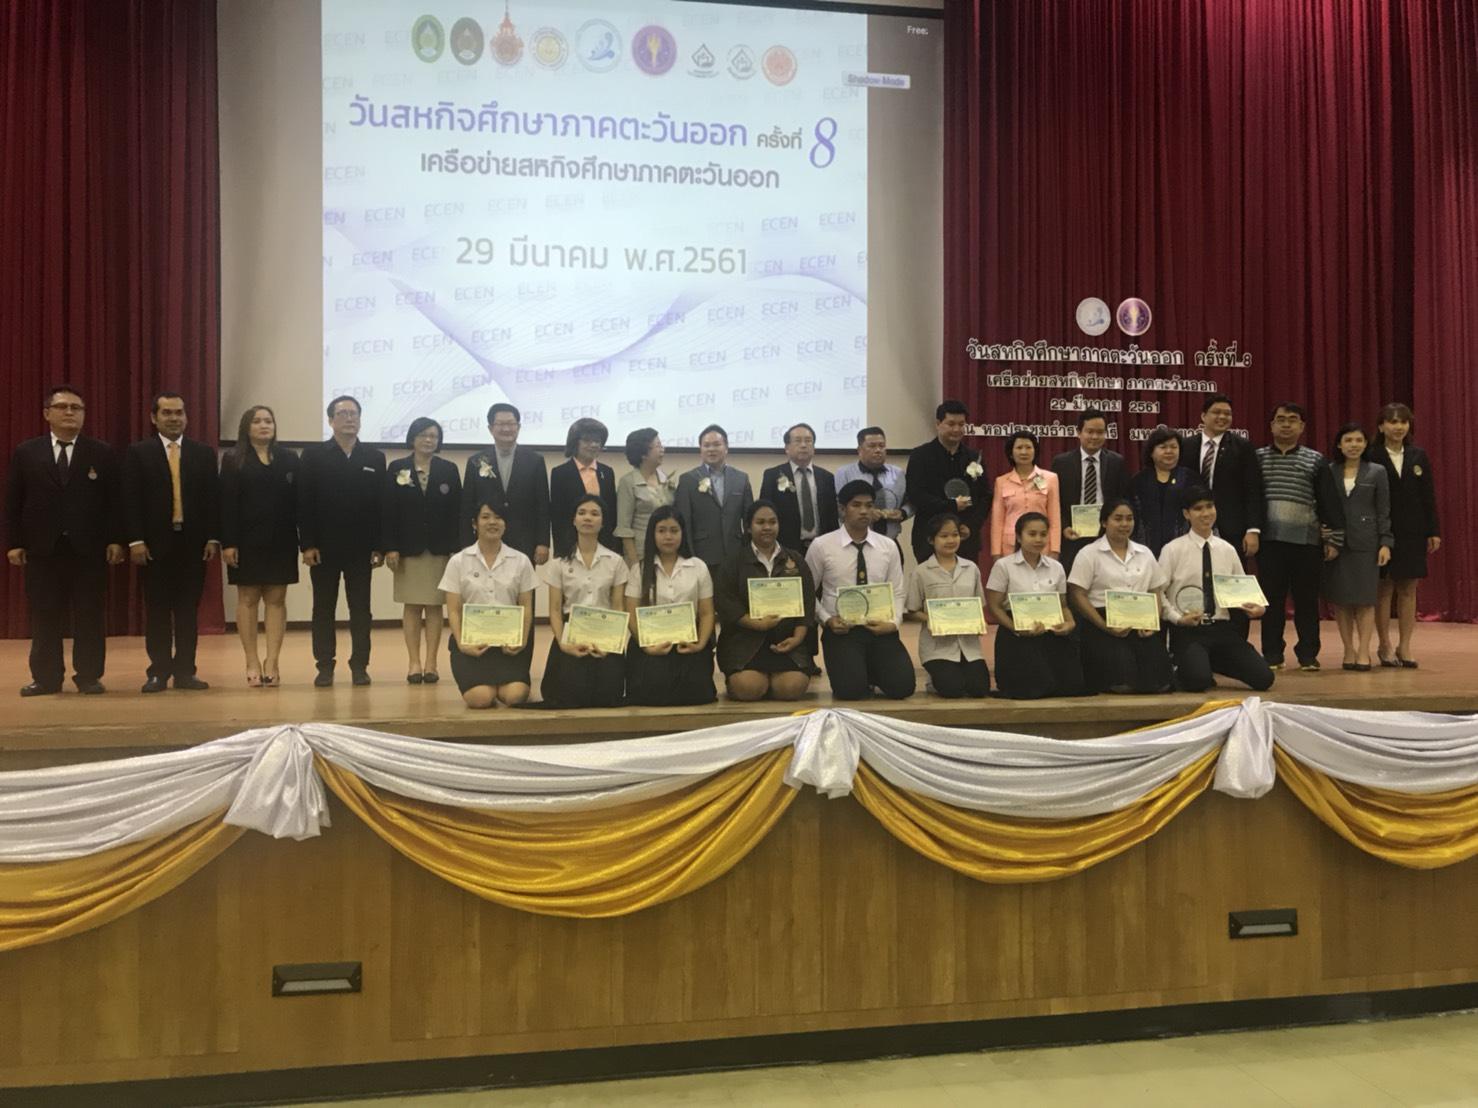 นิสิตได้รับรางวัลโครงงานสหกิจรองดีเด่นงานวันสหกิจศึกษาภาคตะวันออก ครั้งที่ 8